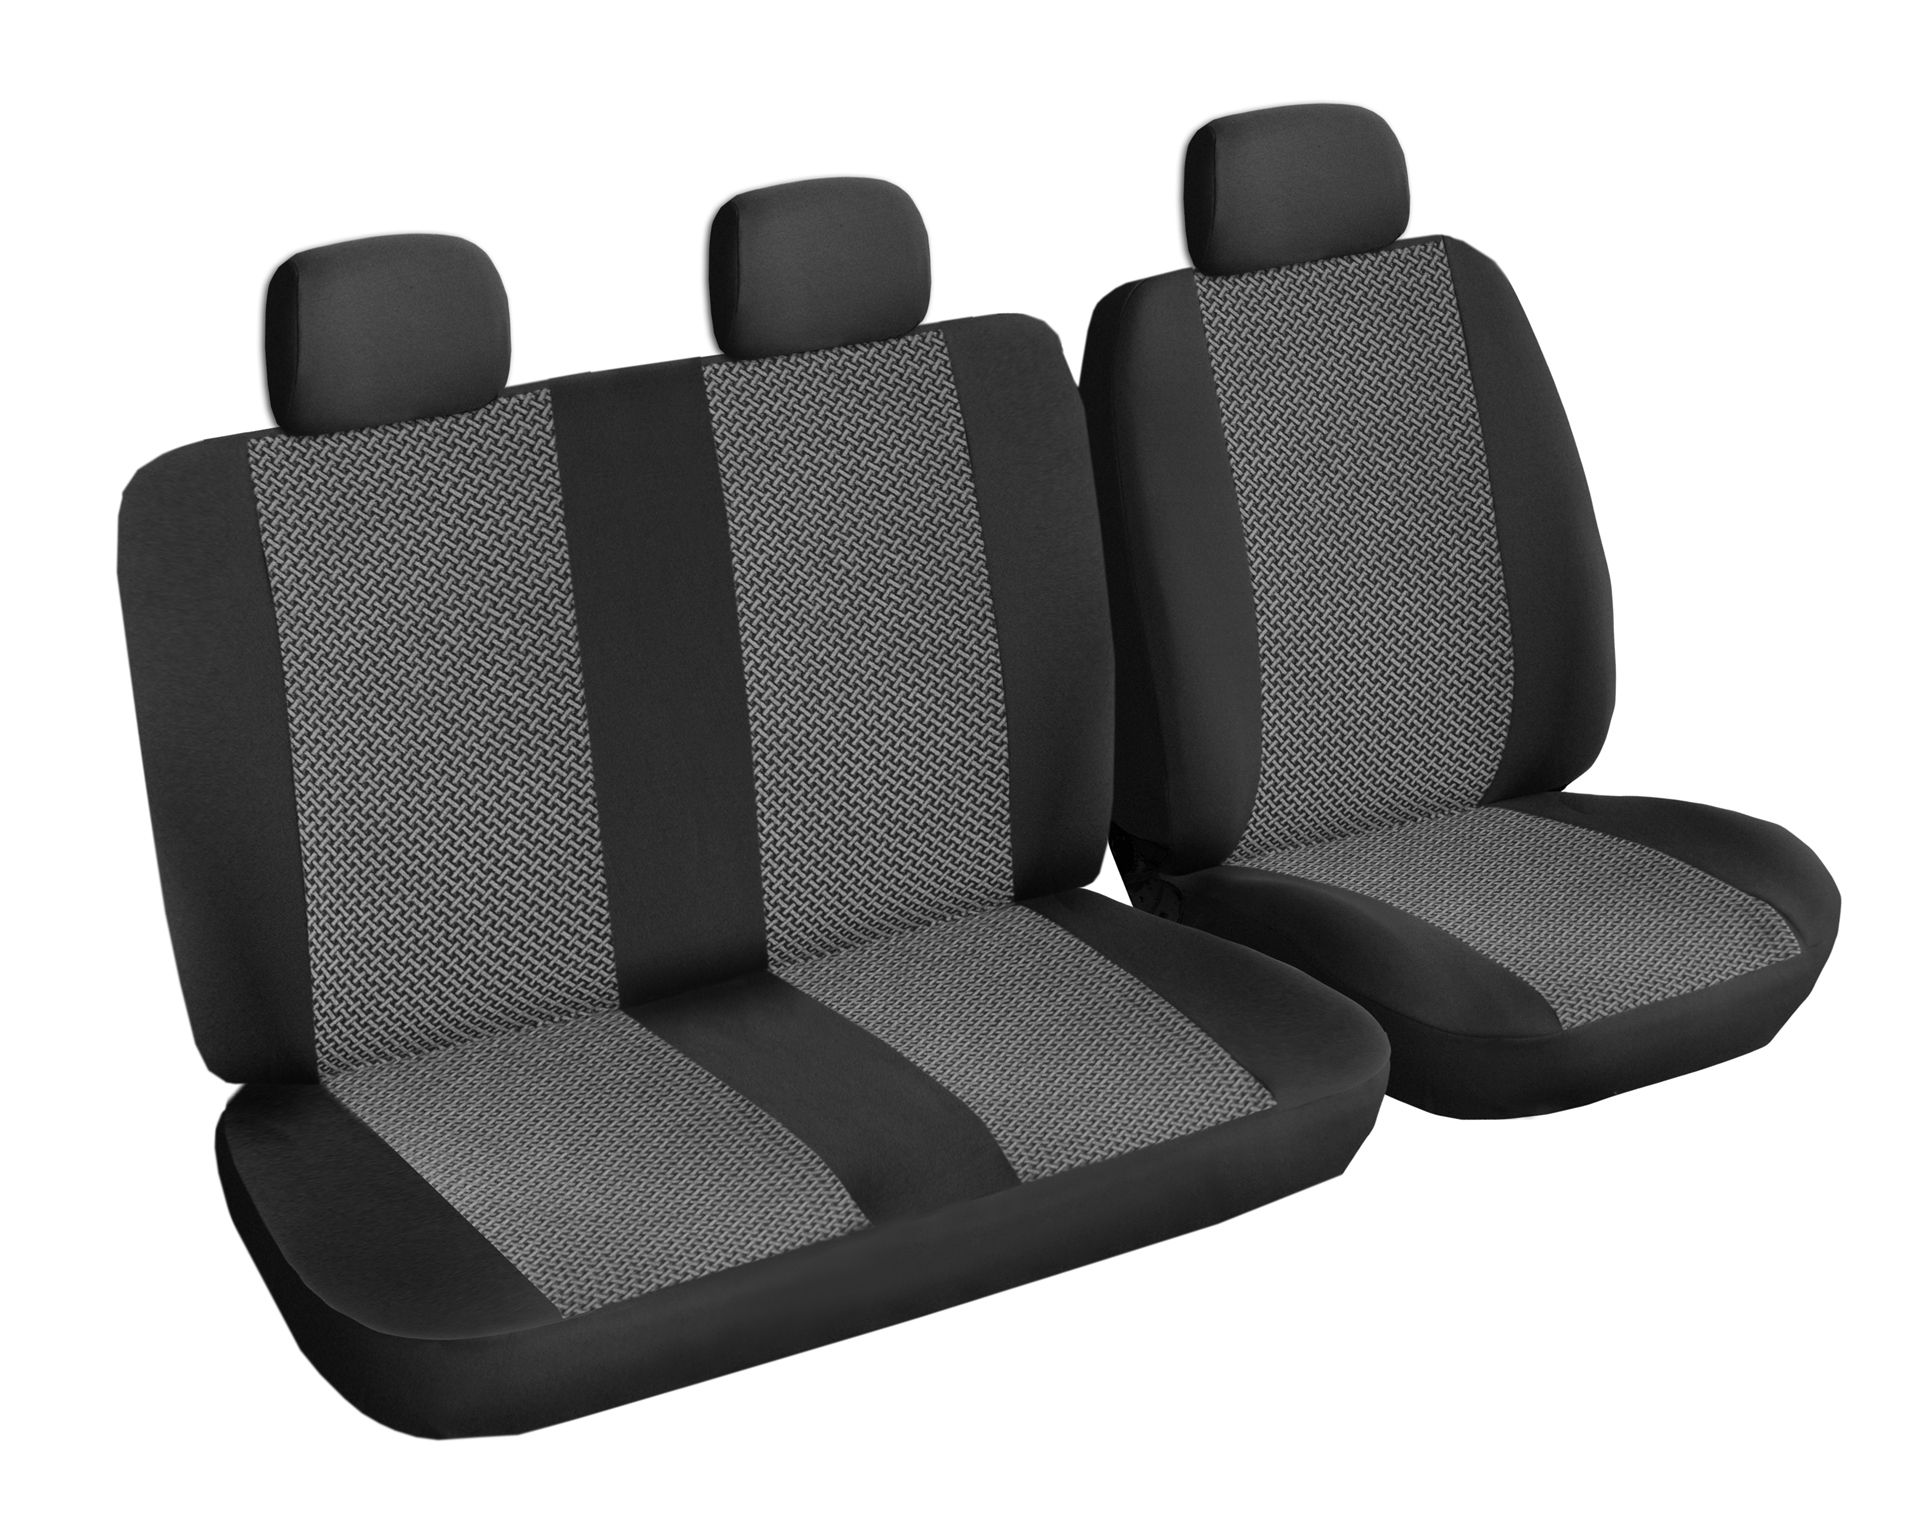 Autopotahy Volkswagen T5, 3 místa, od r. 2003, šedo černé SIXTOL